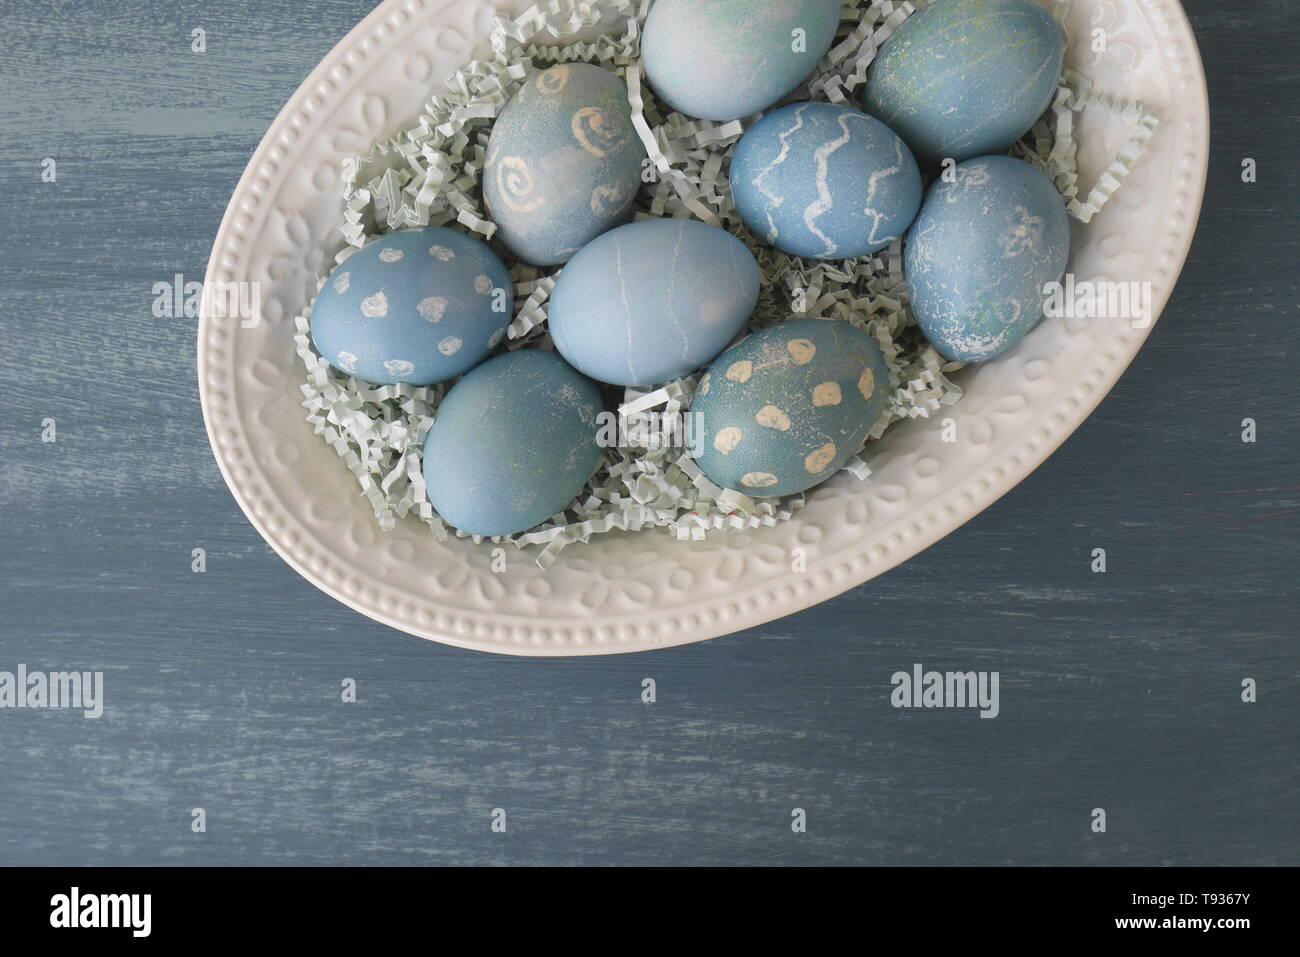 Dipinto di uova di Pasqua, colorato con un colorante dal cavolo rosso, in una ciotola su una chalk-verniciato blu legno invecchiato tavolo da cucina. Immagini Stock